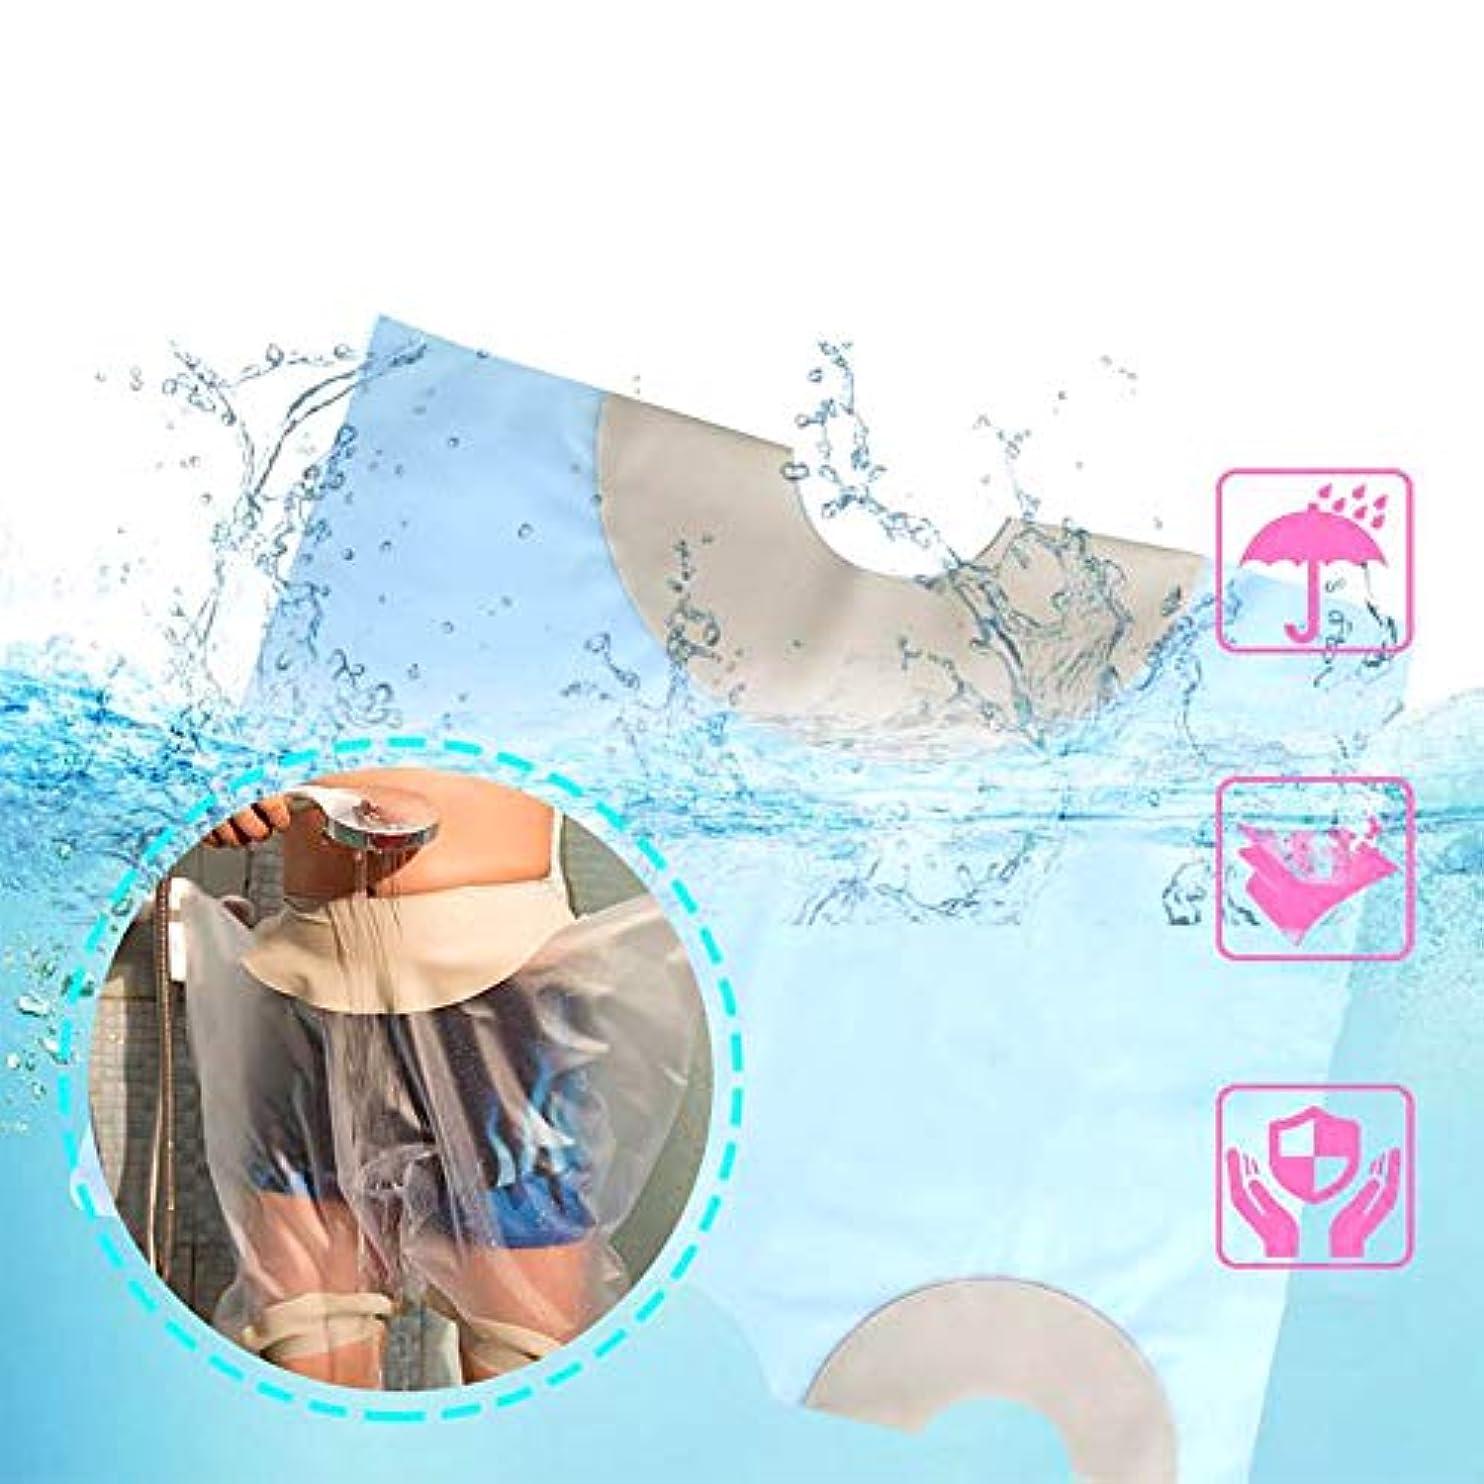 ブラウズ余計なめまい防水キャストバッグ包帯プロテクター防水大人のプラスチック製の保護ドライバッグ防水、耐、水中シール,M